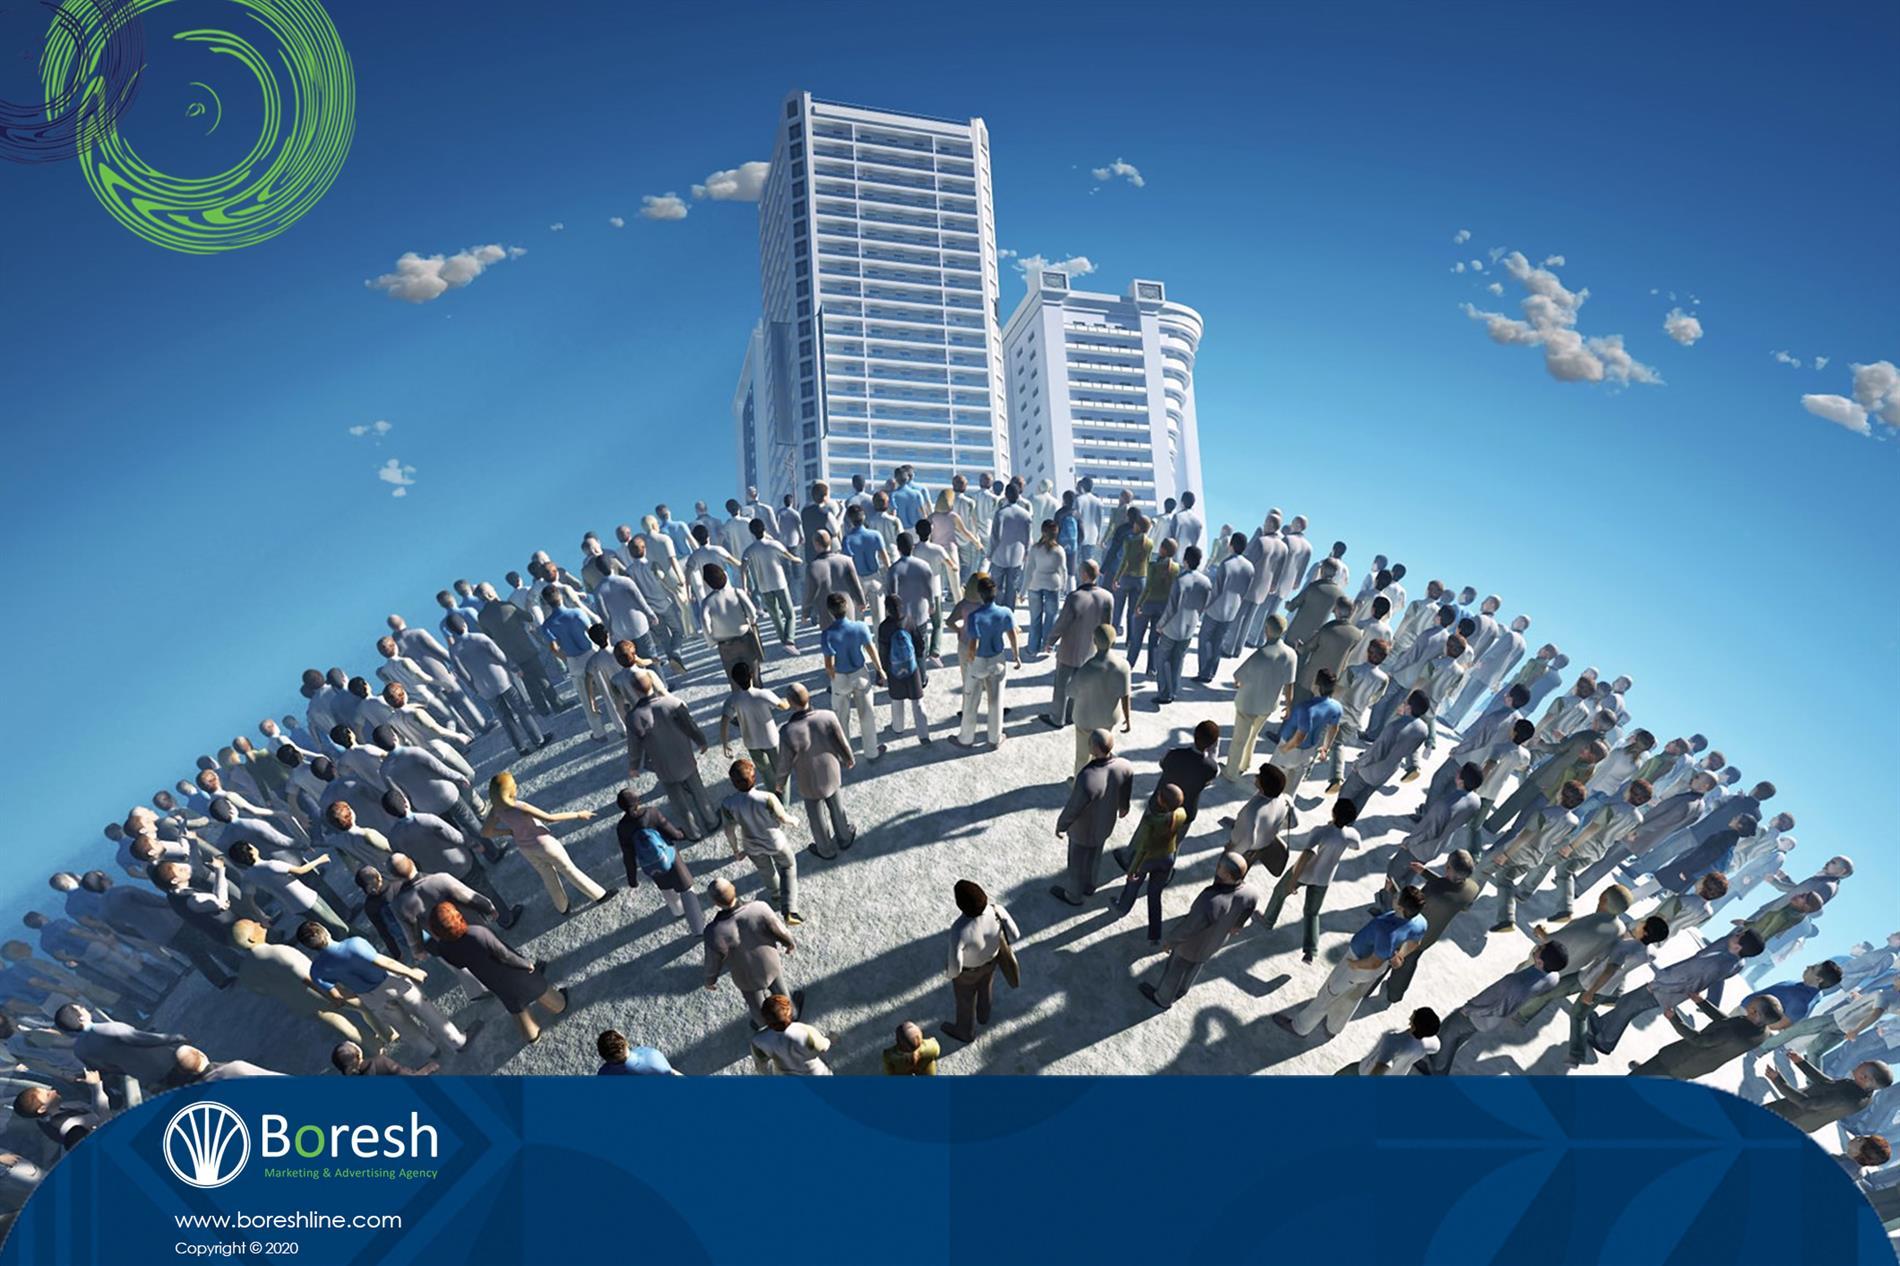 درباره بازاریابی و مدیریت بازار بیشتر بدانیم - گروه برندسازی، تبلیغات،بازاریابی و توسعه کسب و کار برش